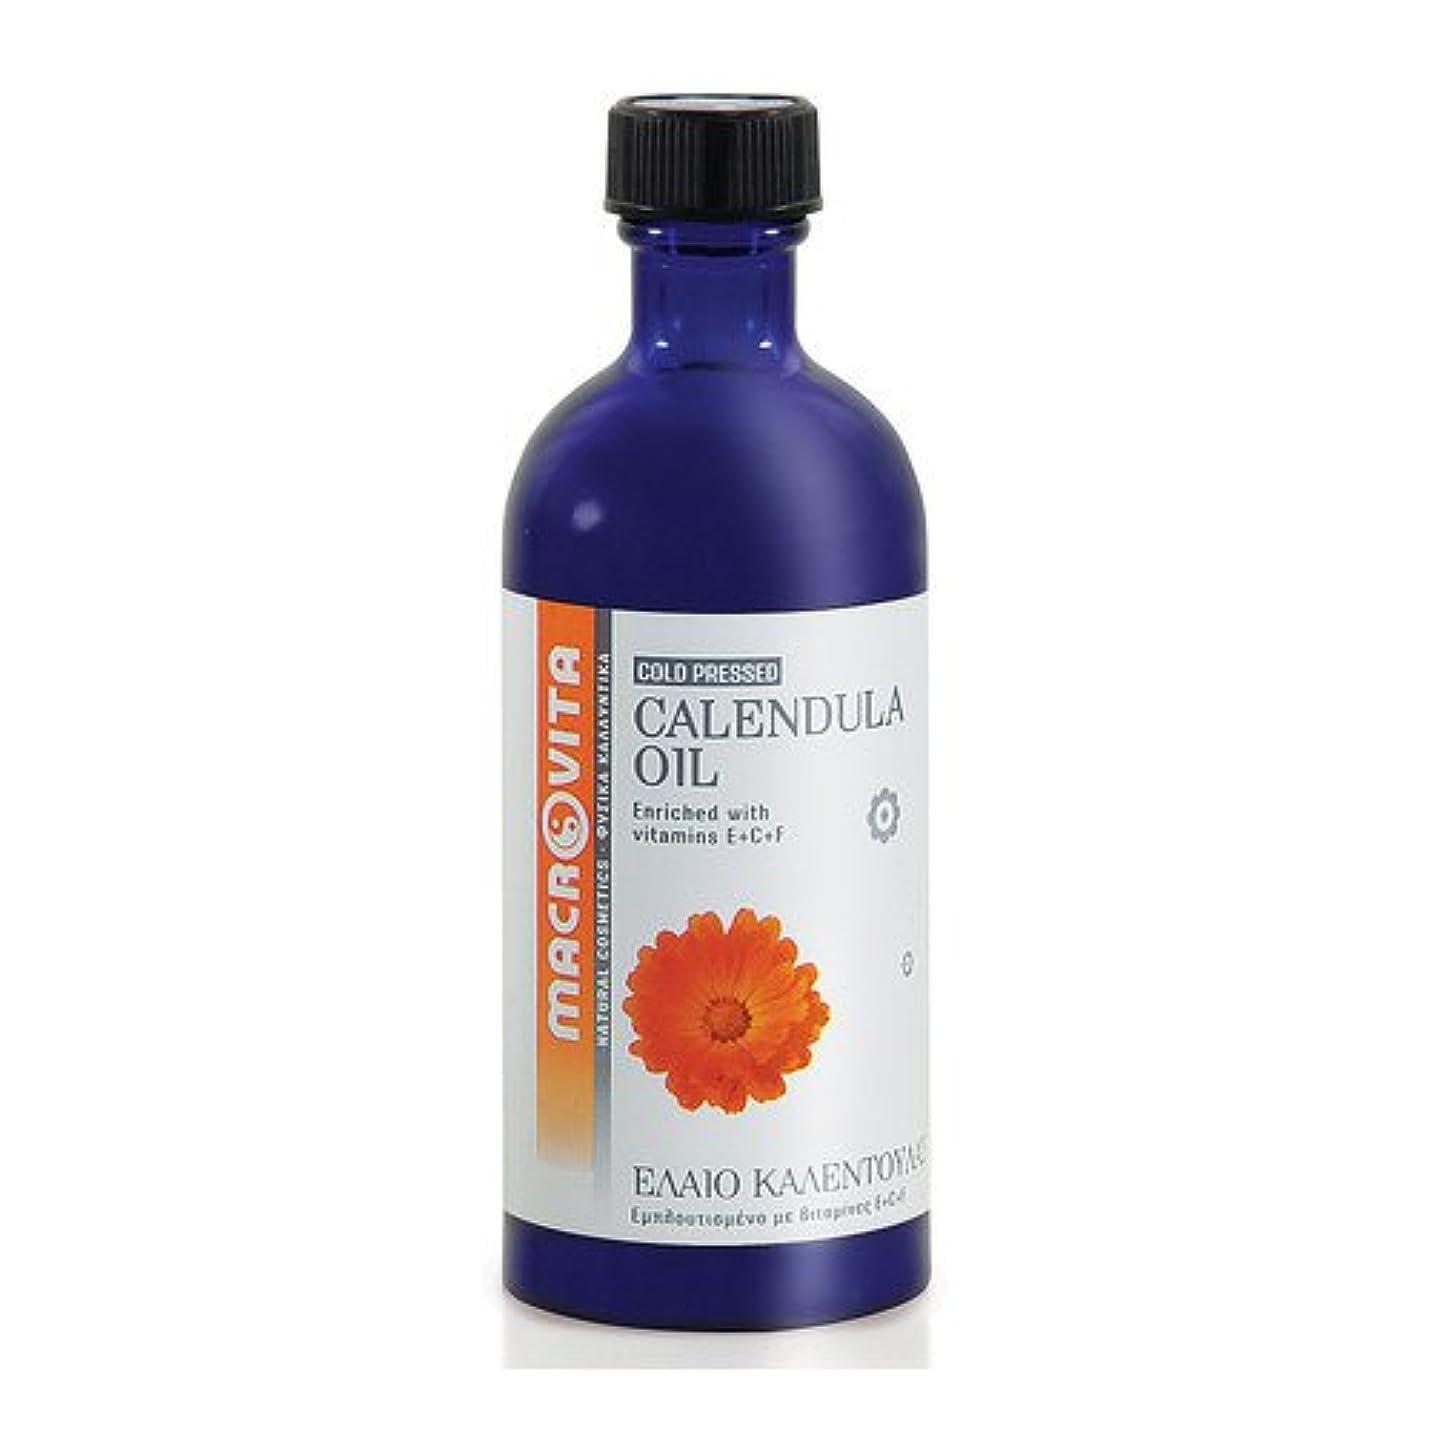 マクロビータ カレンデュラオイル 100ml ギリシャ自然派化粧品コスメオイル (天然成分100%)